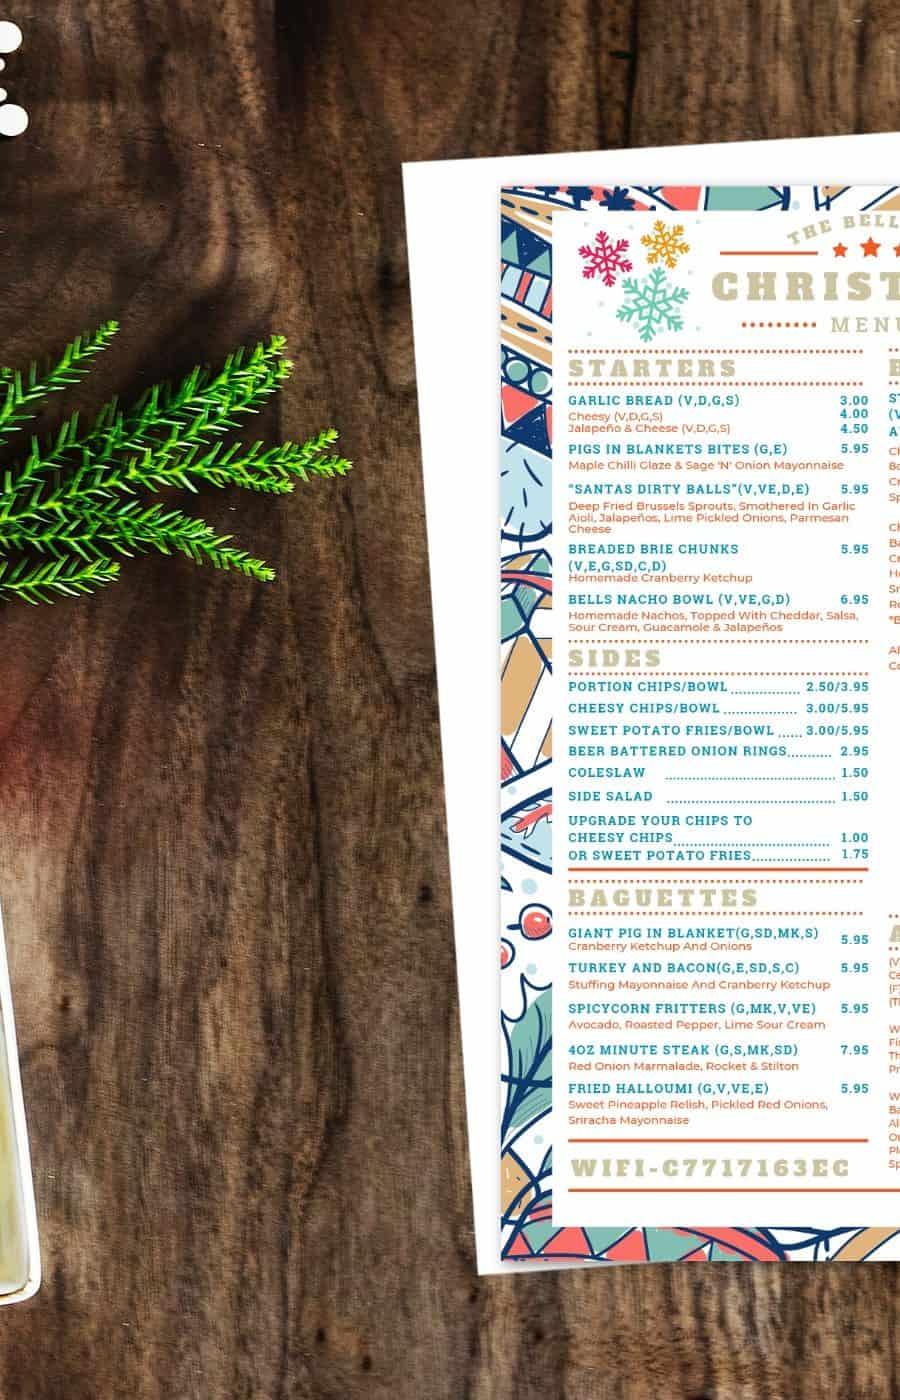 Christmas menu at The Bell